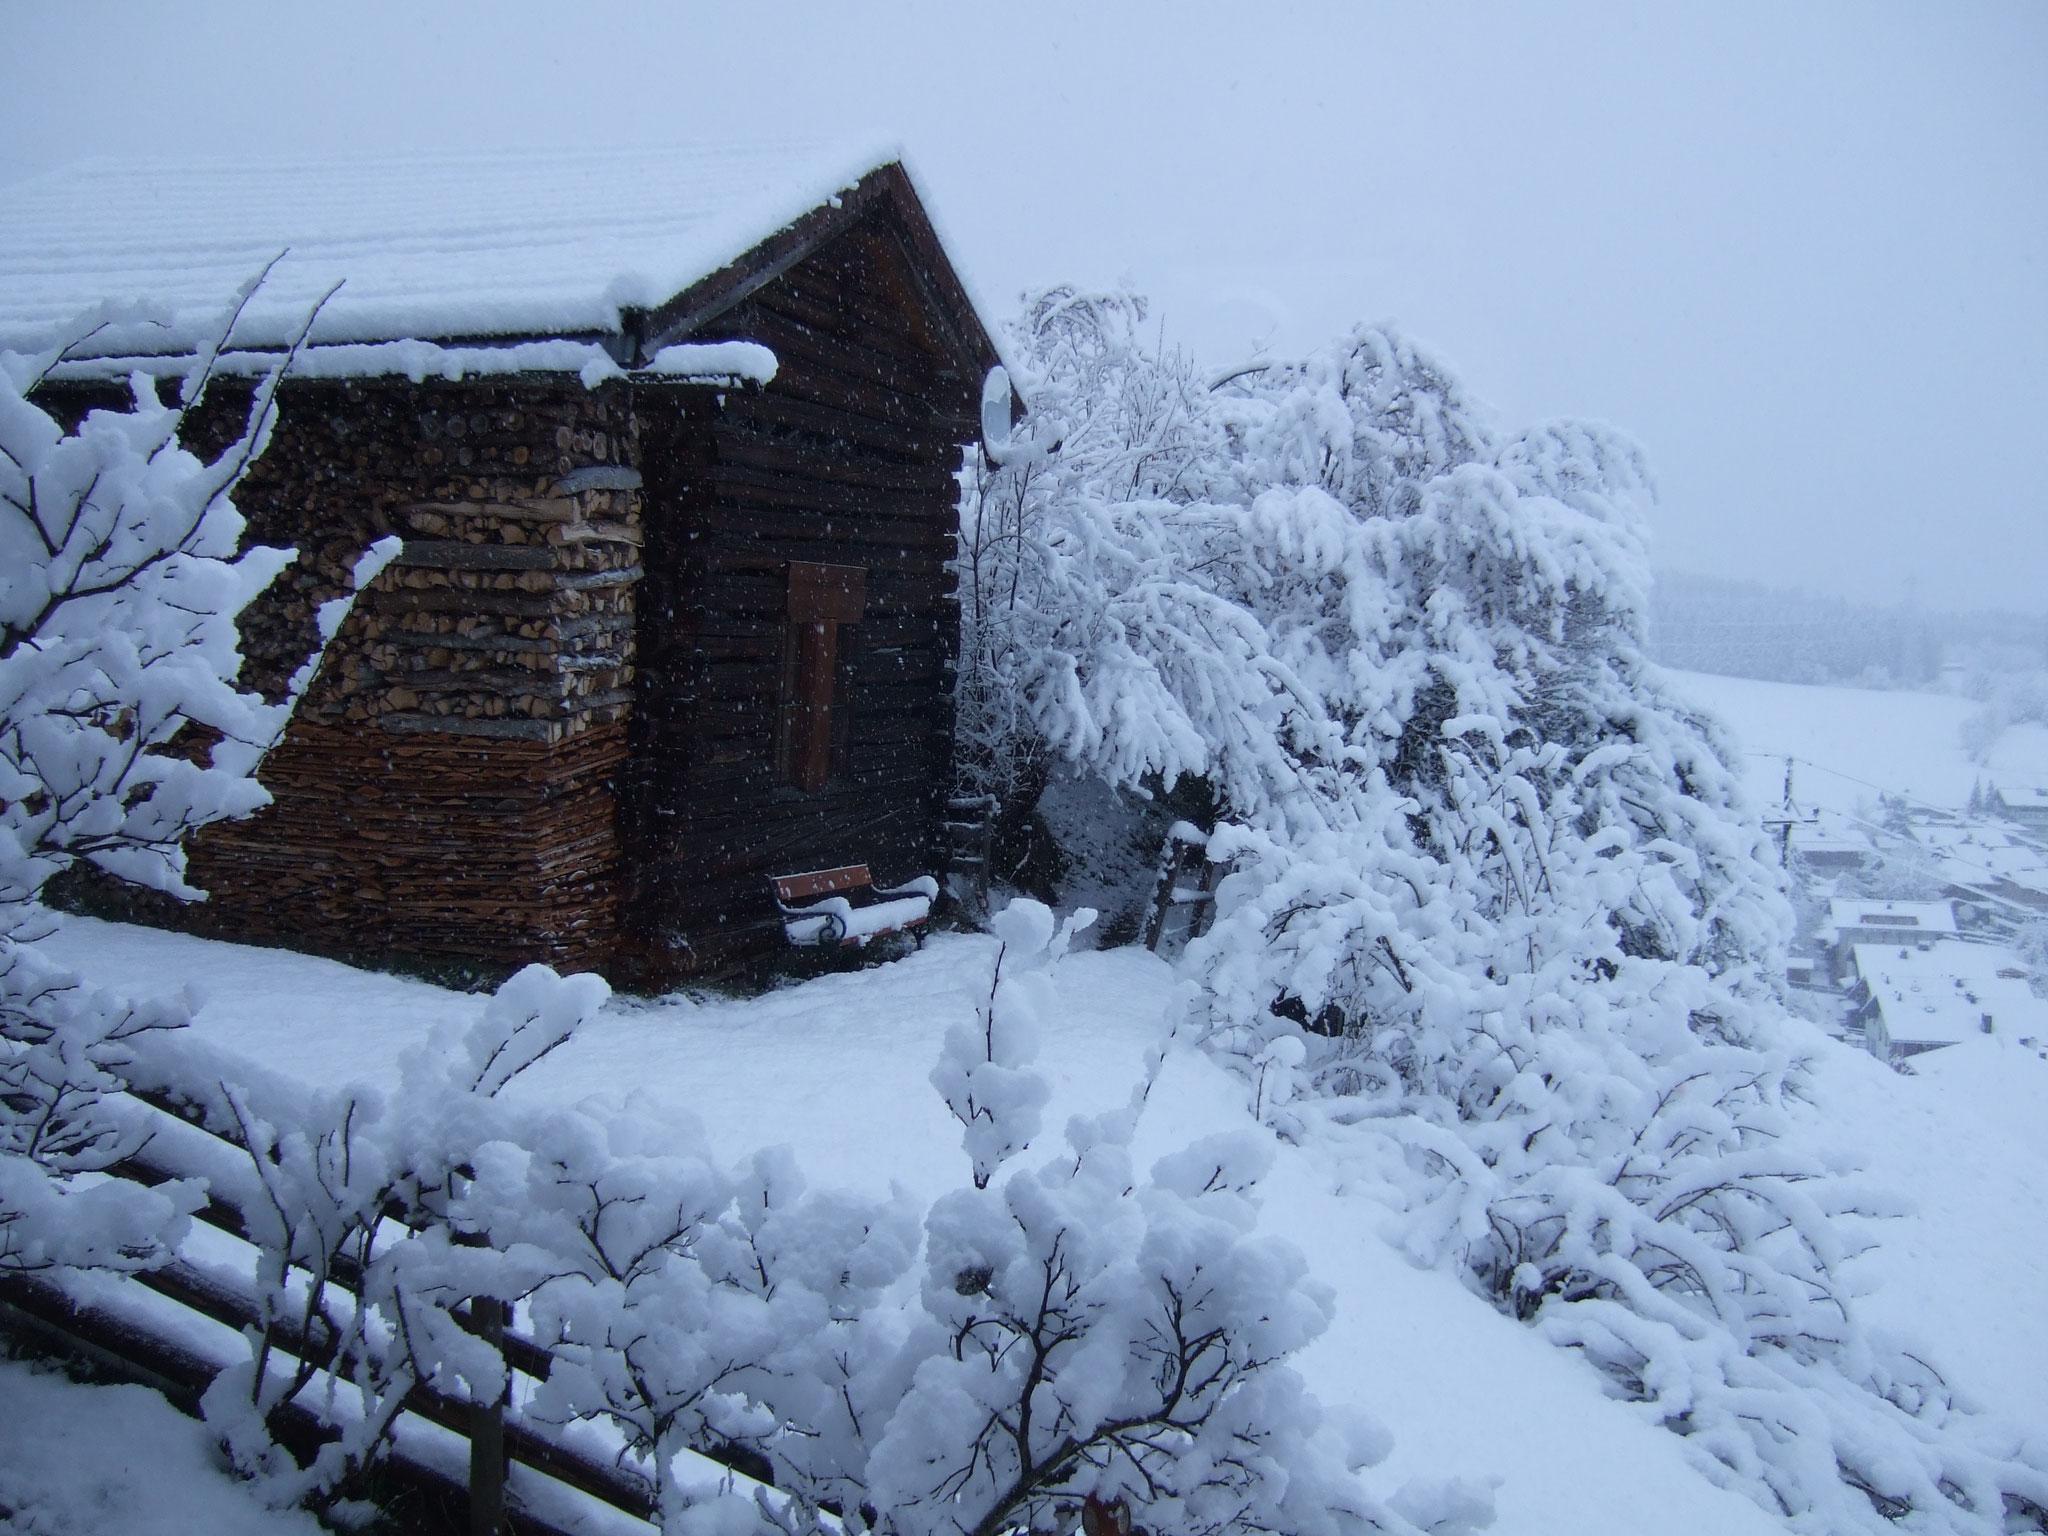 Schnee am Haus und der Nachbarsscheune